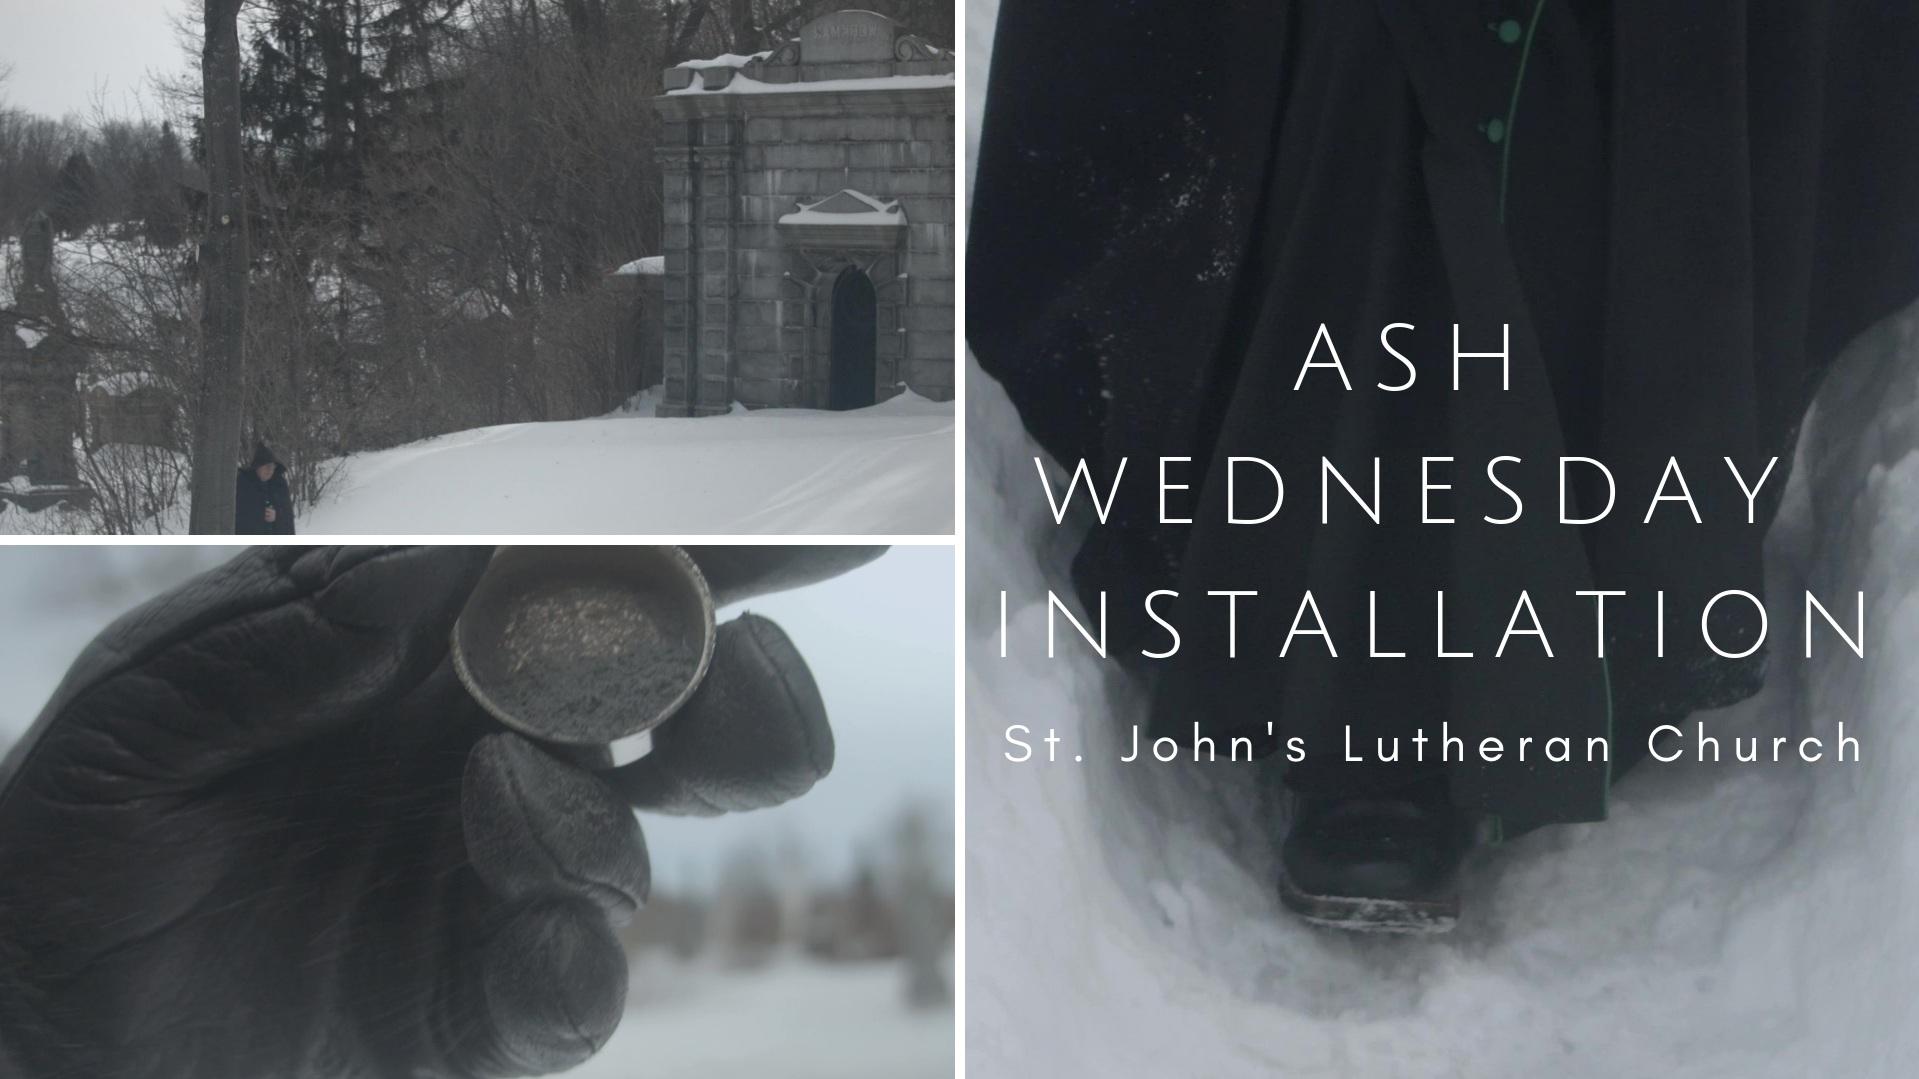 Ash Wednesday Installation (March 2019) - St. John's Lutheran Church (Montréal)